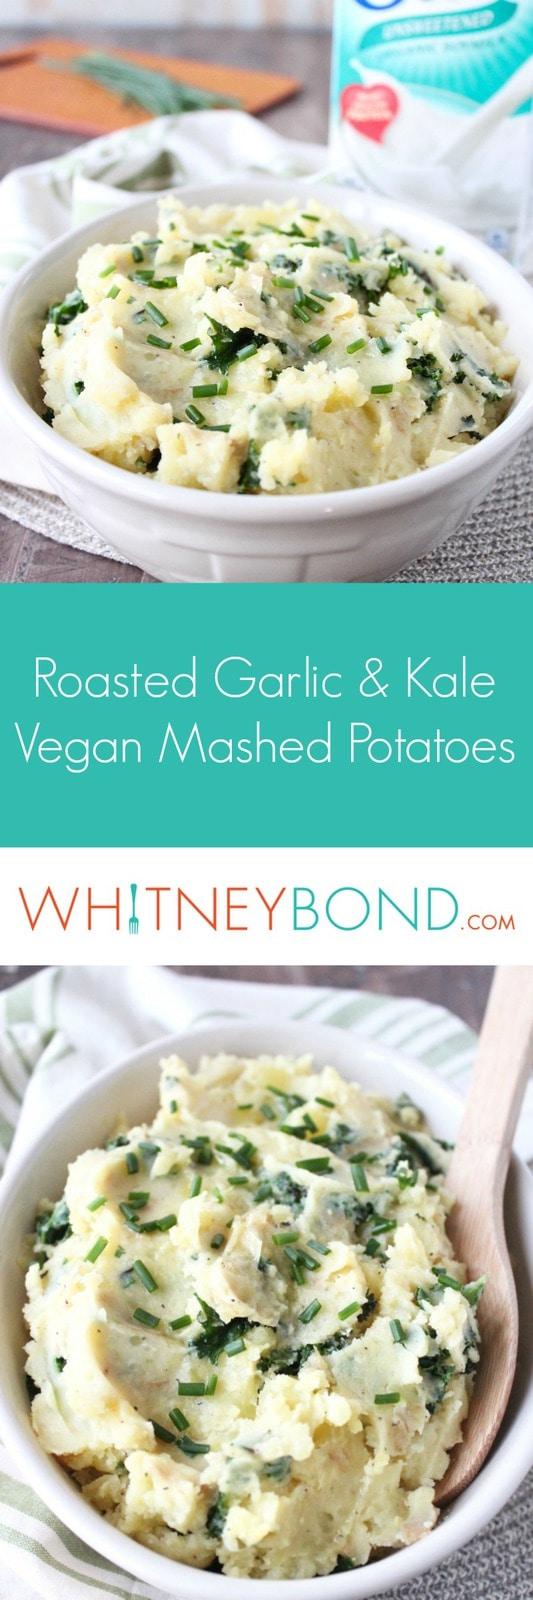 Garlic Kale Vegan Mashed Potatoes